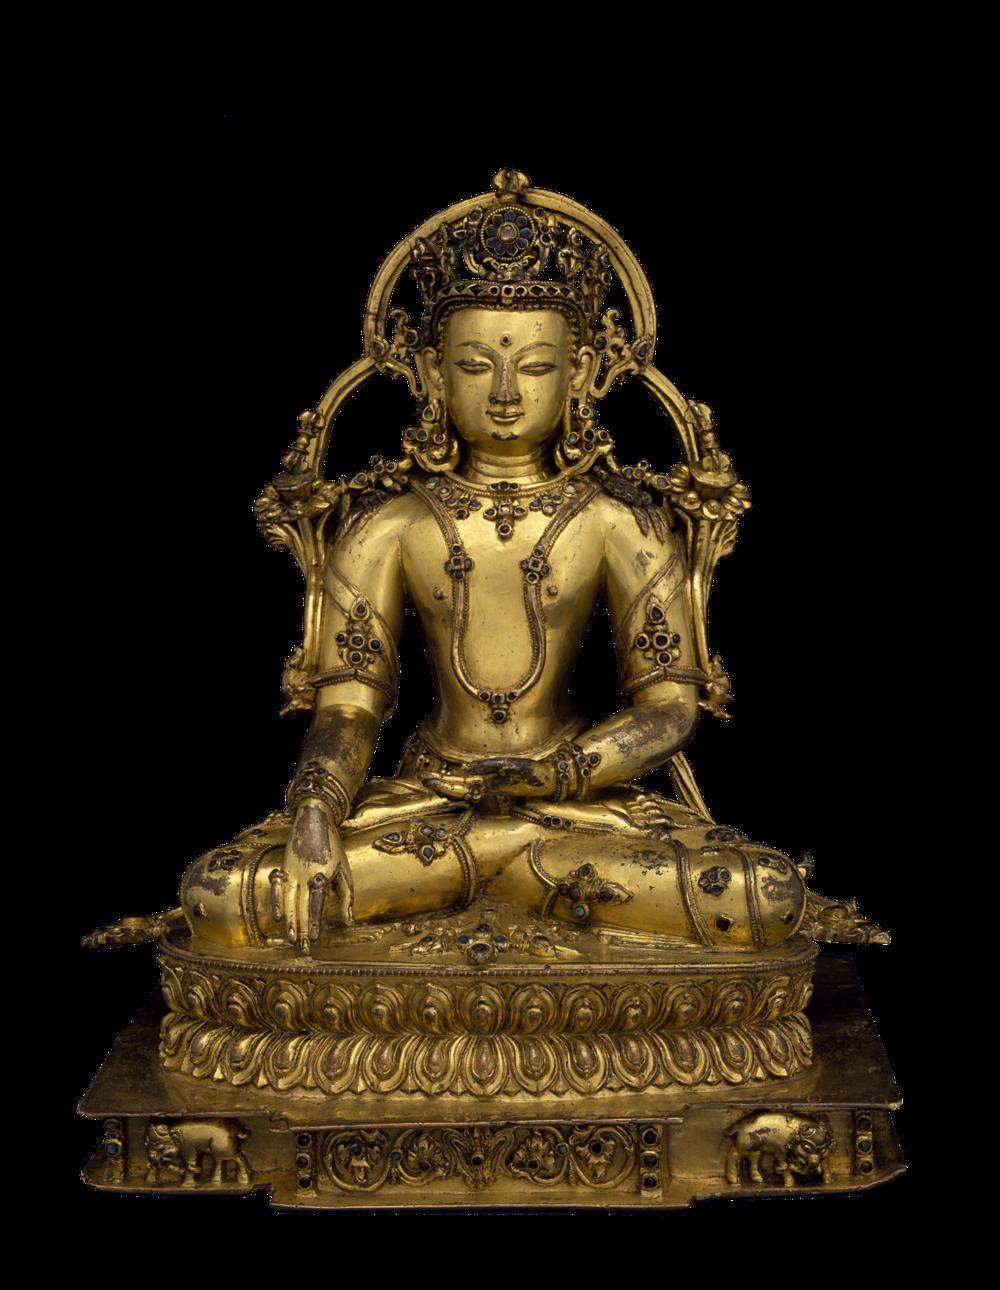 Der transzendente Buddha Akshobhya